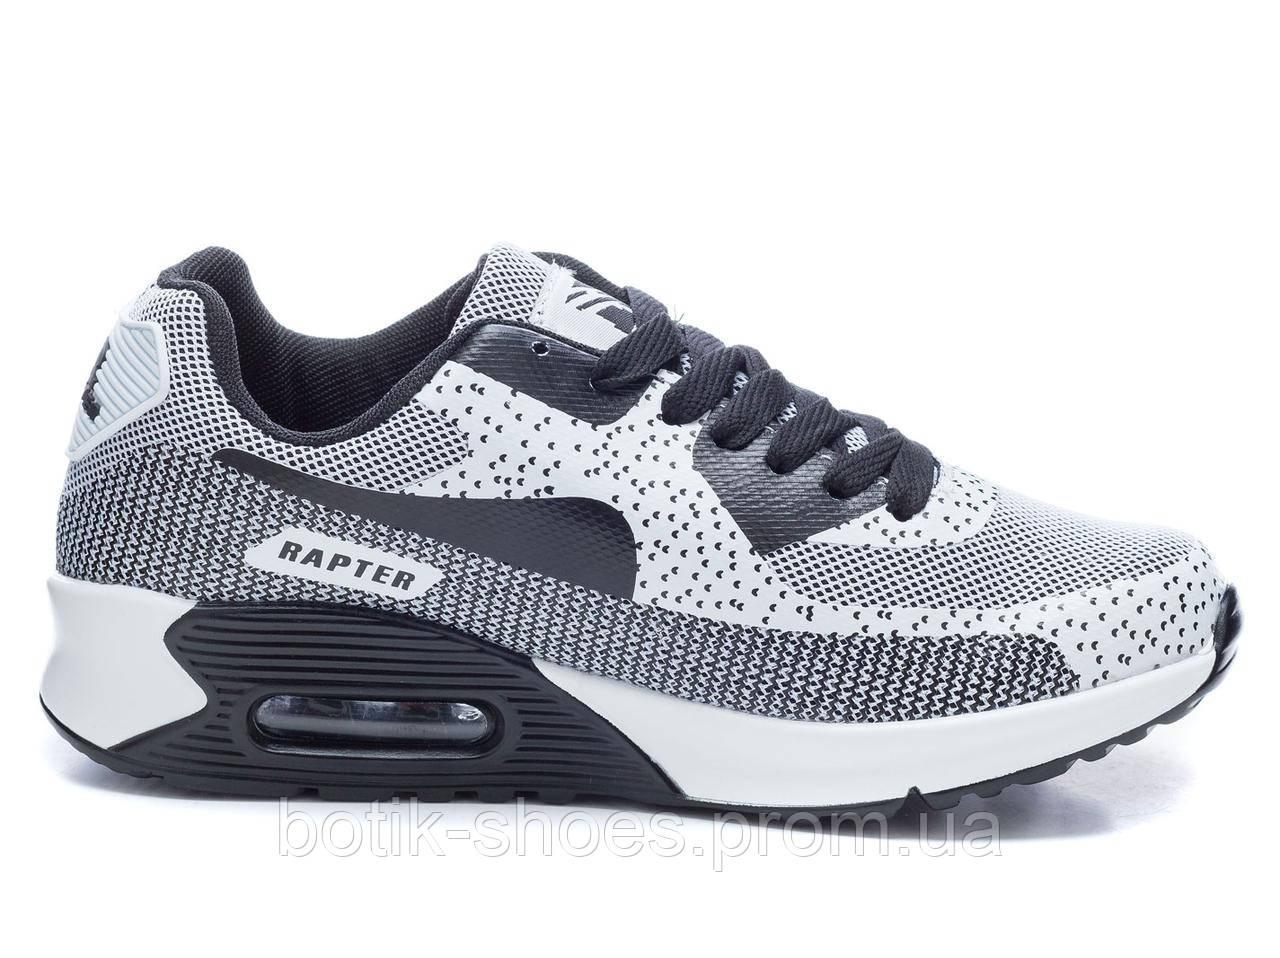 0878c15e Легендарные женские серые кроссовки Nike Air Max 90 Найк Аир Макс 90,  реплика Rapter 41, цена 685 грн./пара, купить Комсомольск — Prom.ua  (ID#510655418)